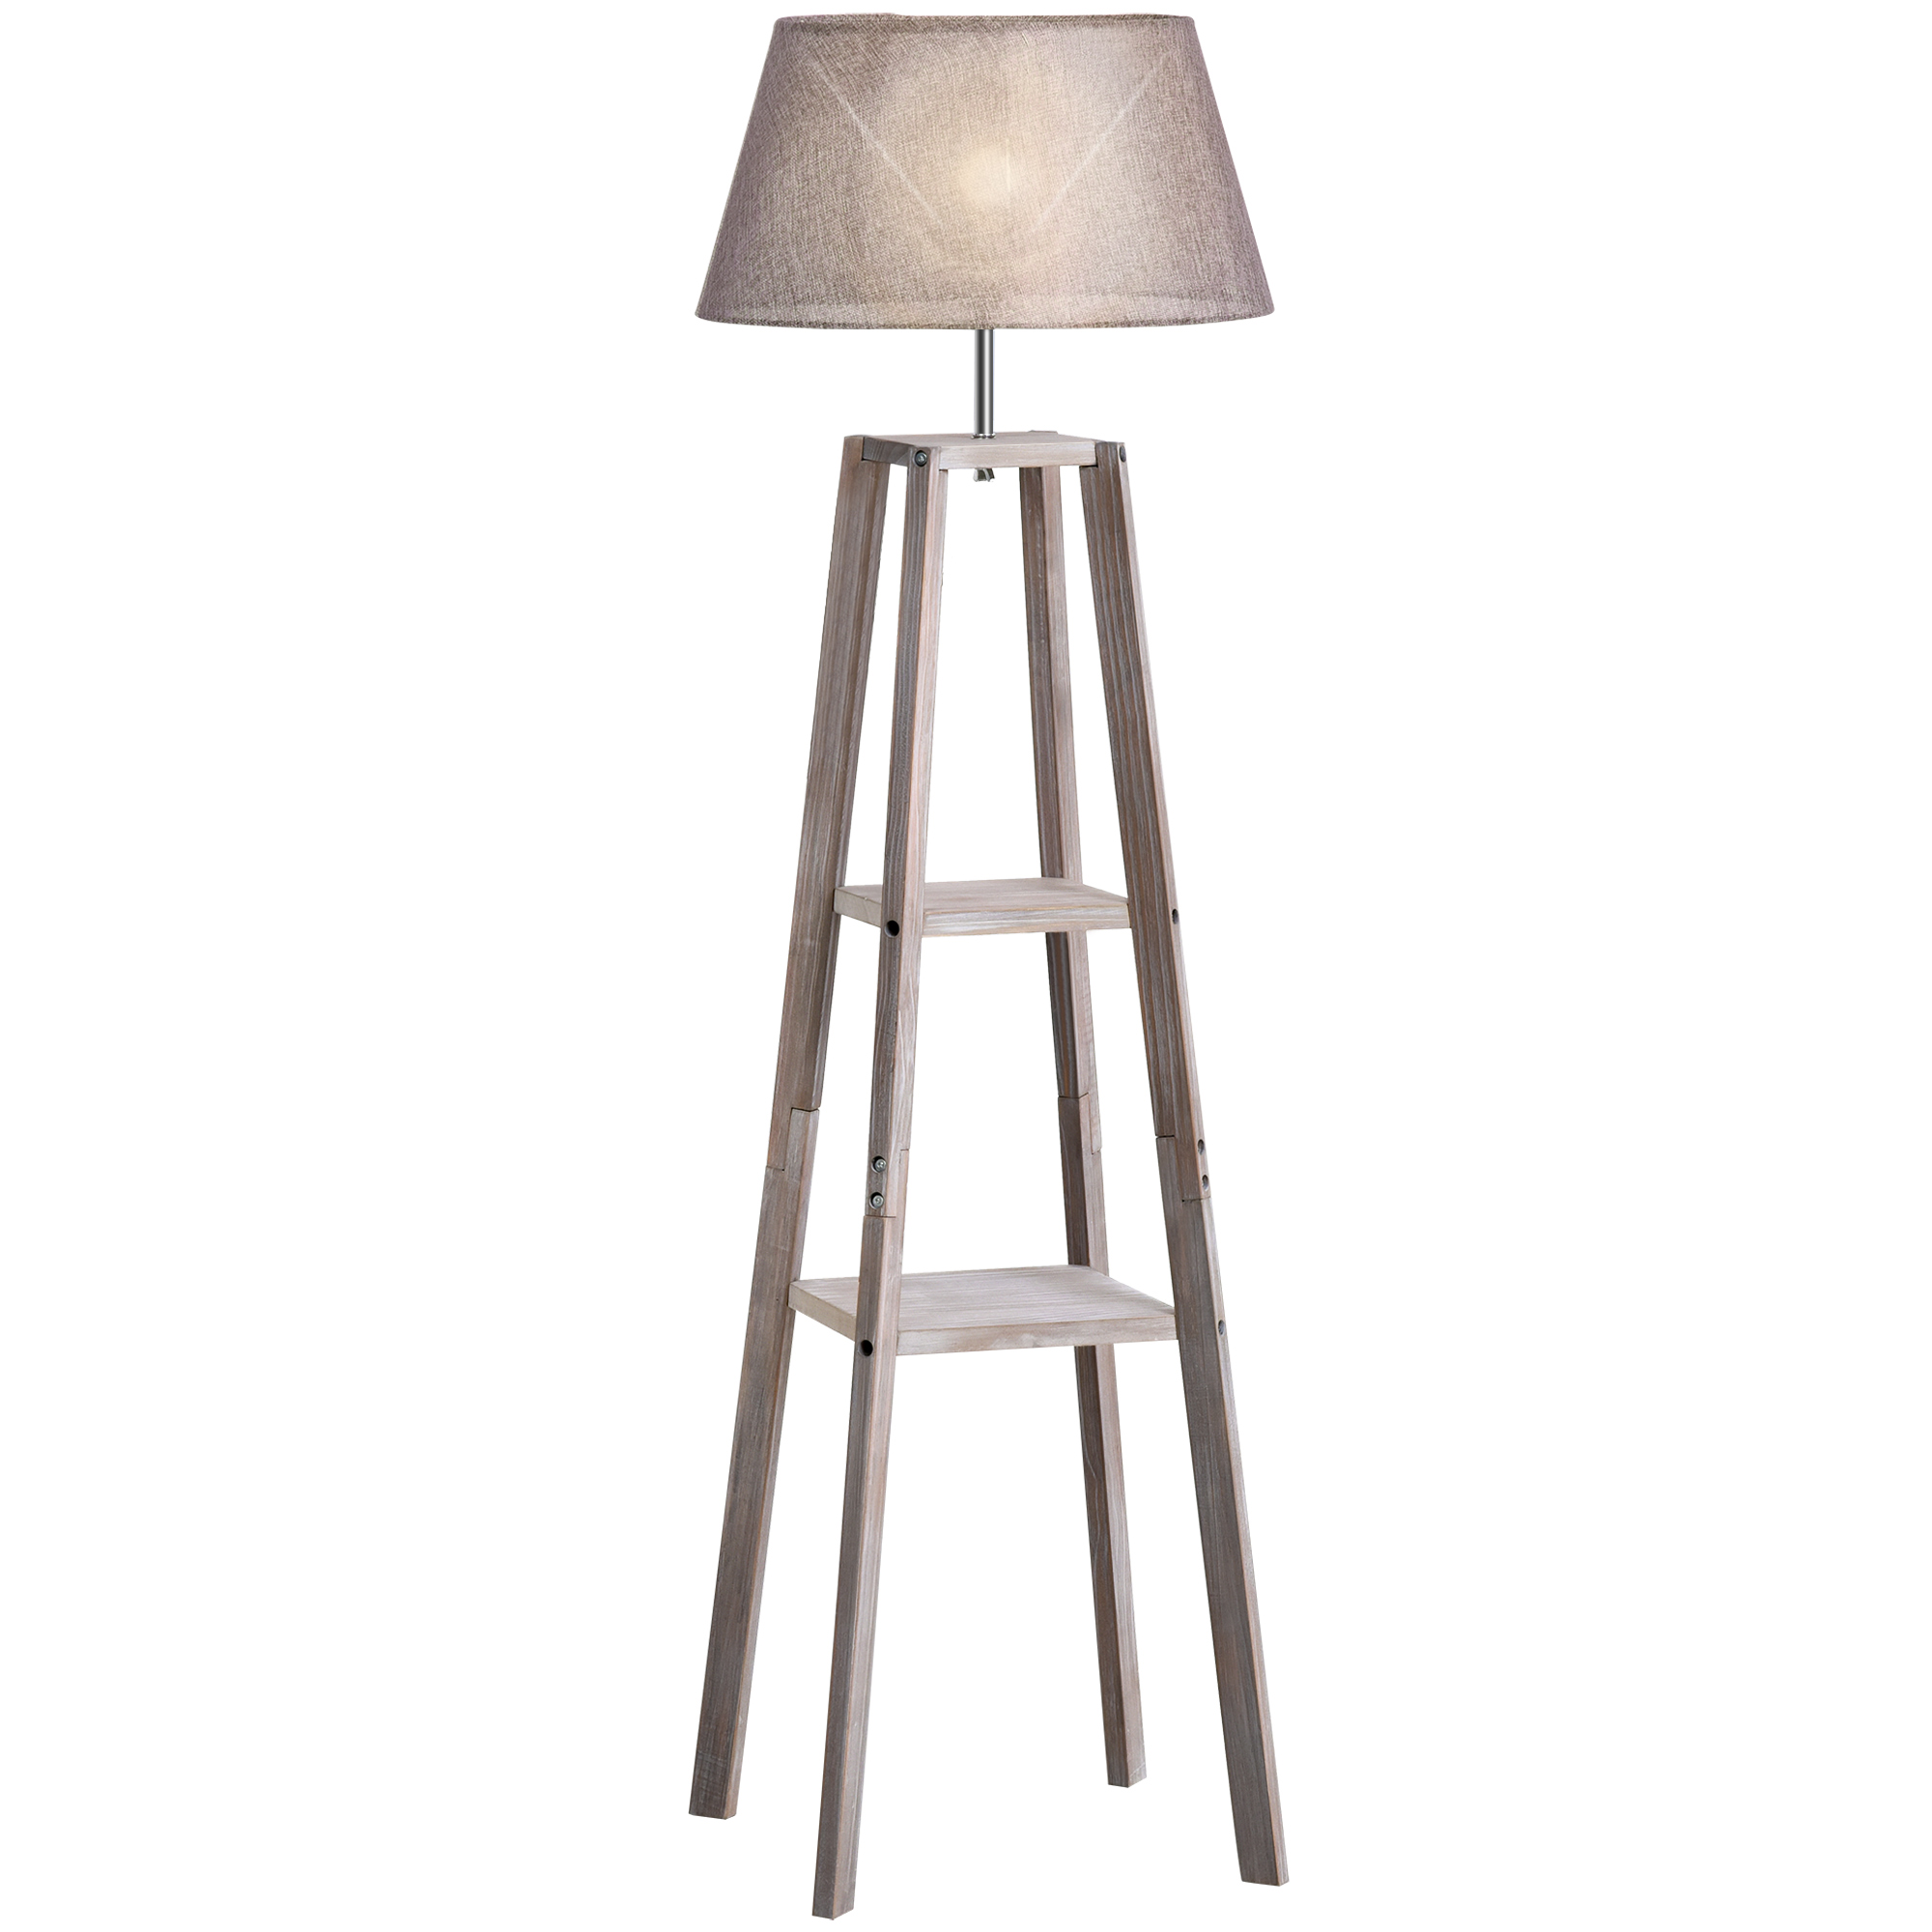 Lampadaire design contemporain 2 étagères H148 cm pin lin gris